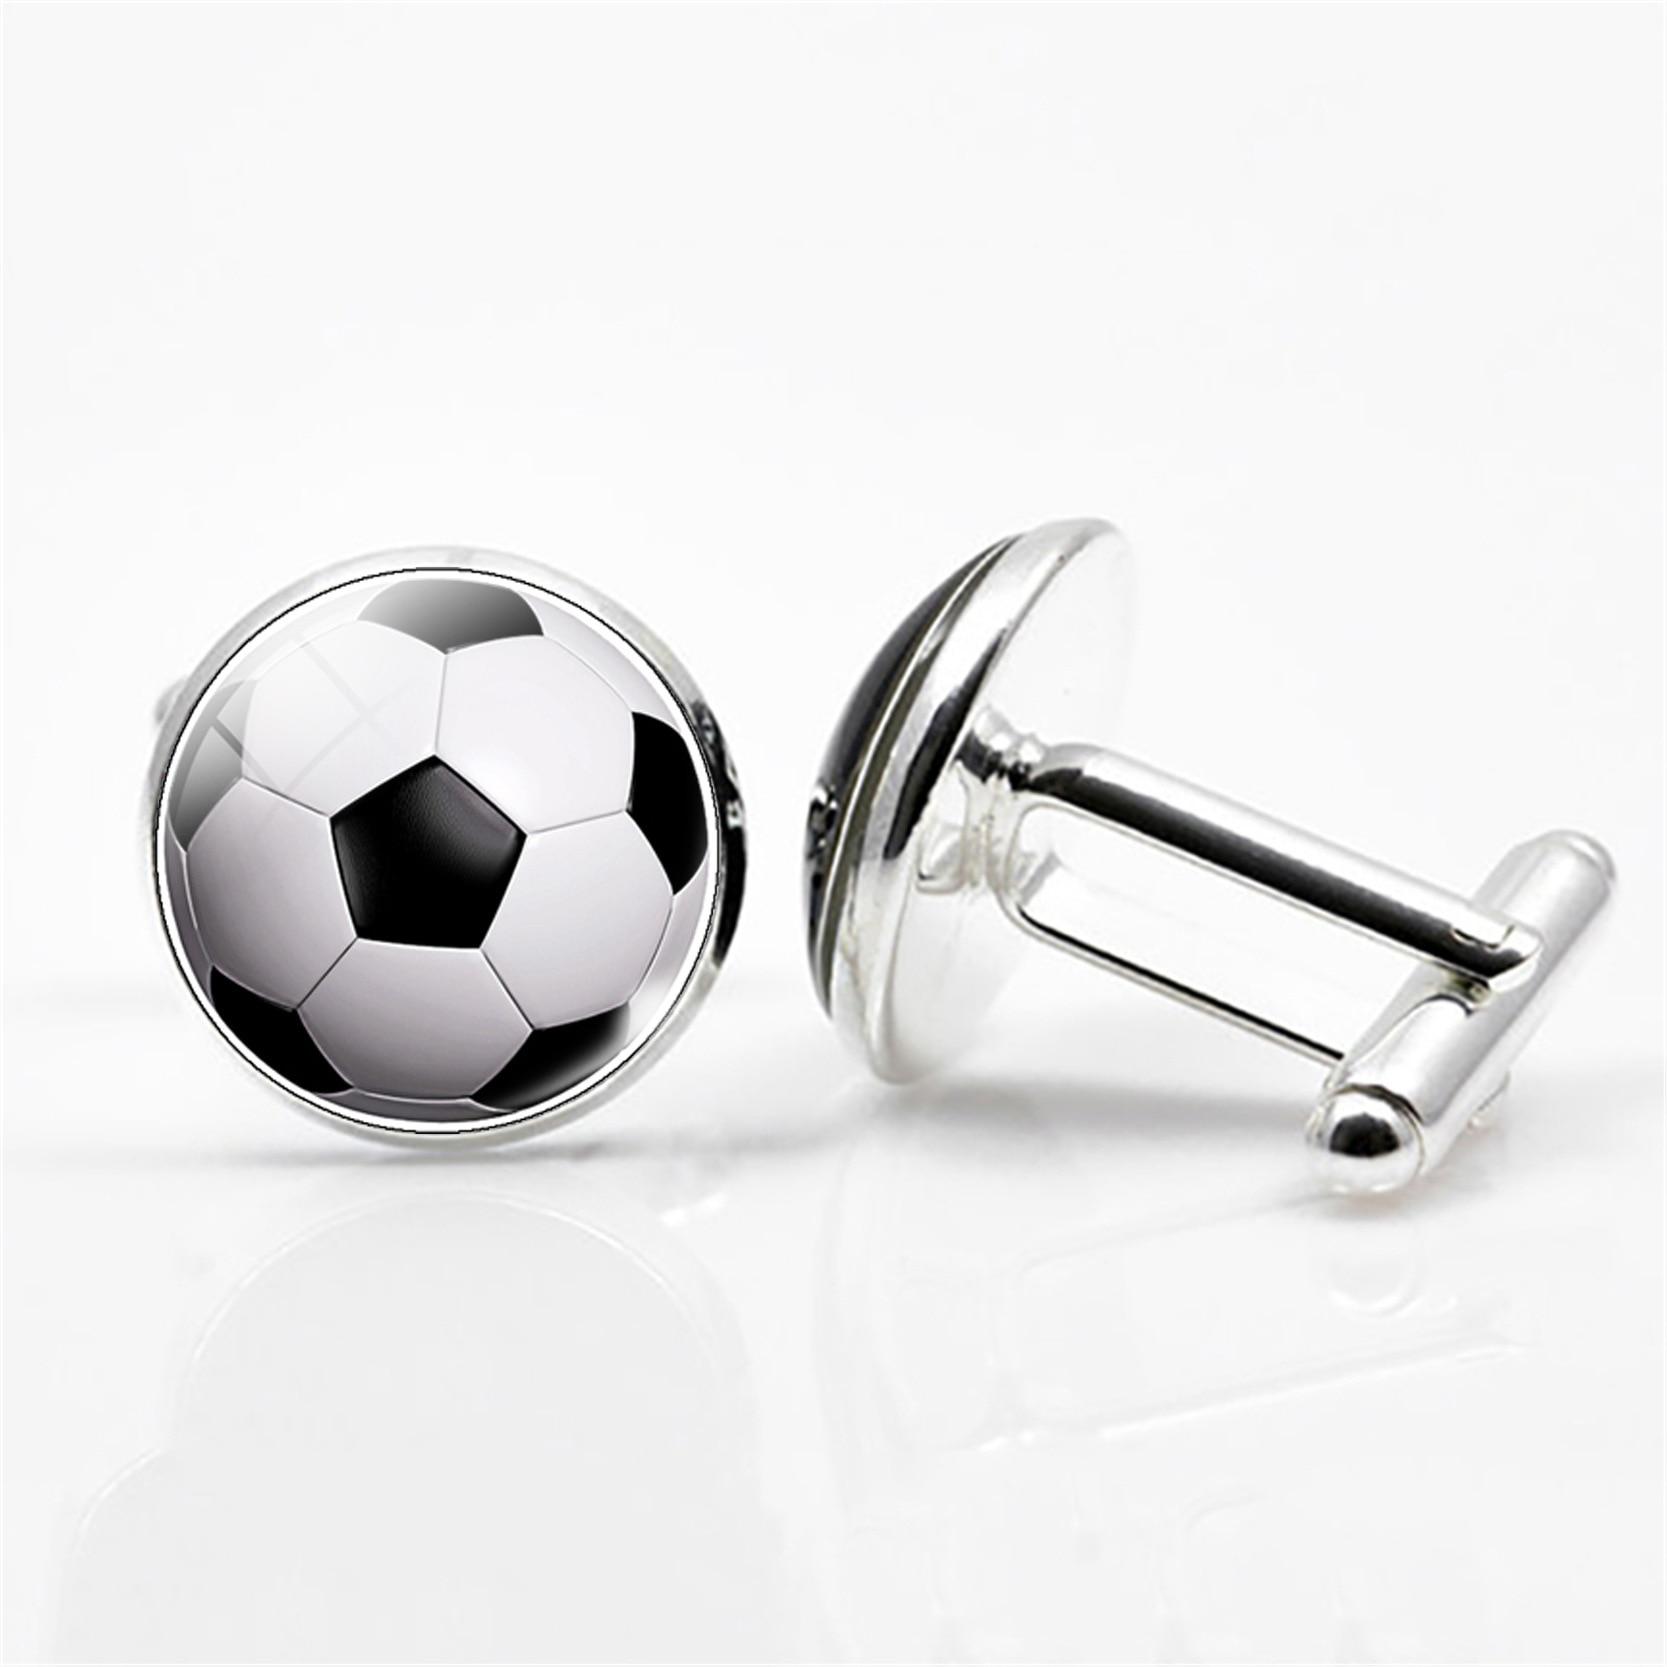 Joyería chapada en plata de alta calidad de 6 estilos con patrón de fútbol, gemelos novedosos, perno prisionero para hombres, regalo de boda